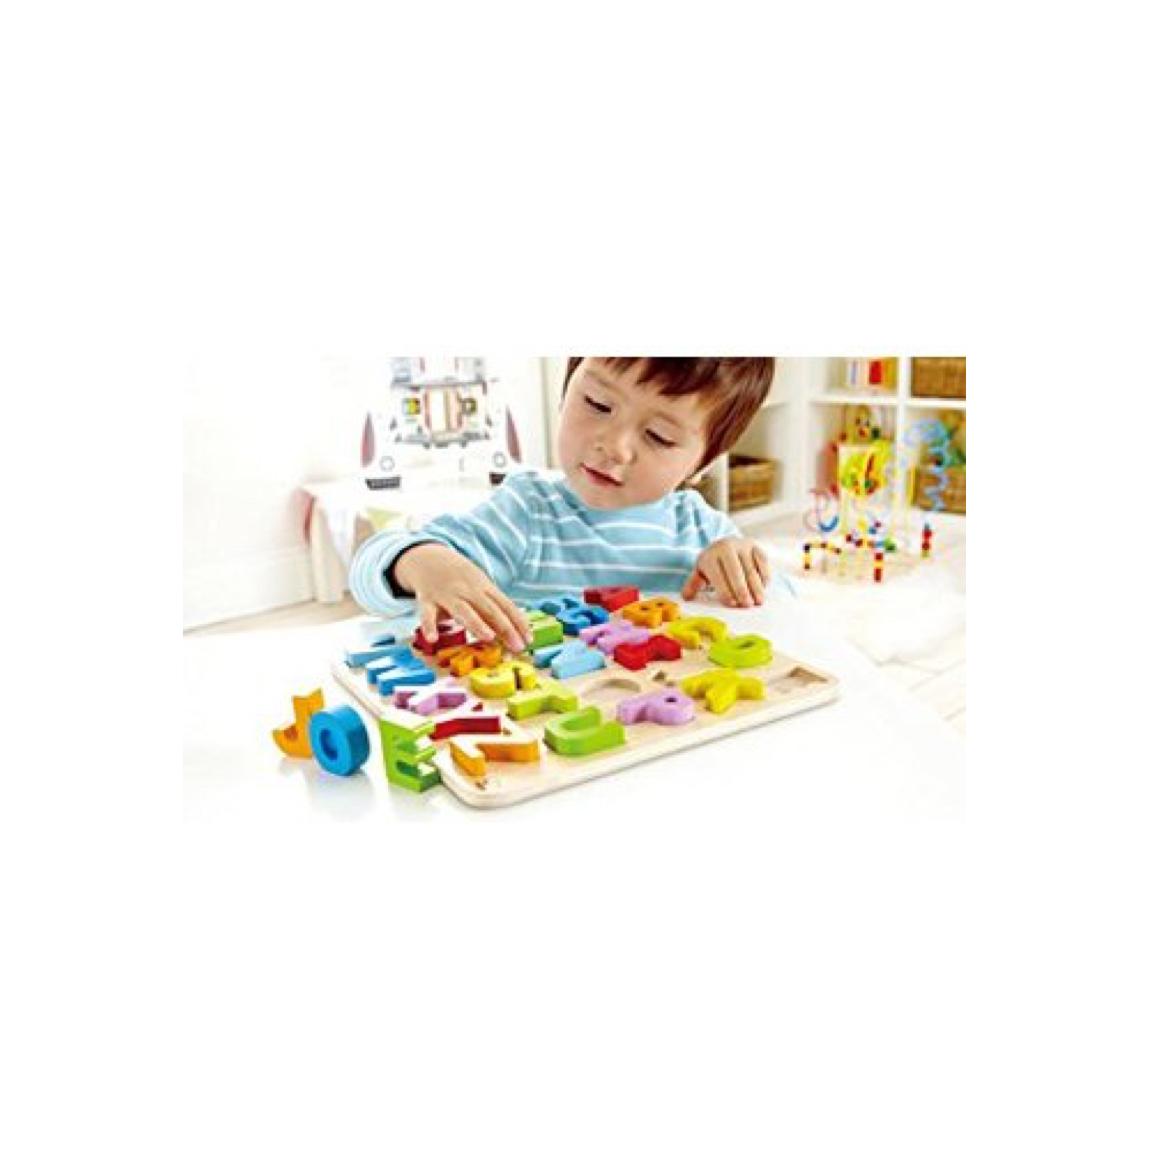 puzzle-alfabeto-madera-mayusculas-de-hape-en-el-mundo-de-mico-2